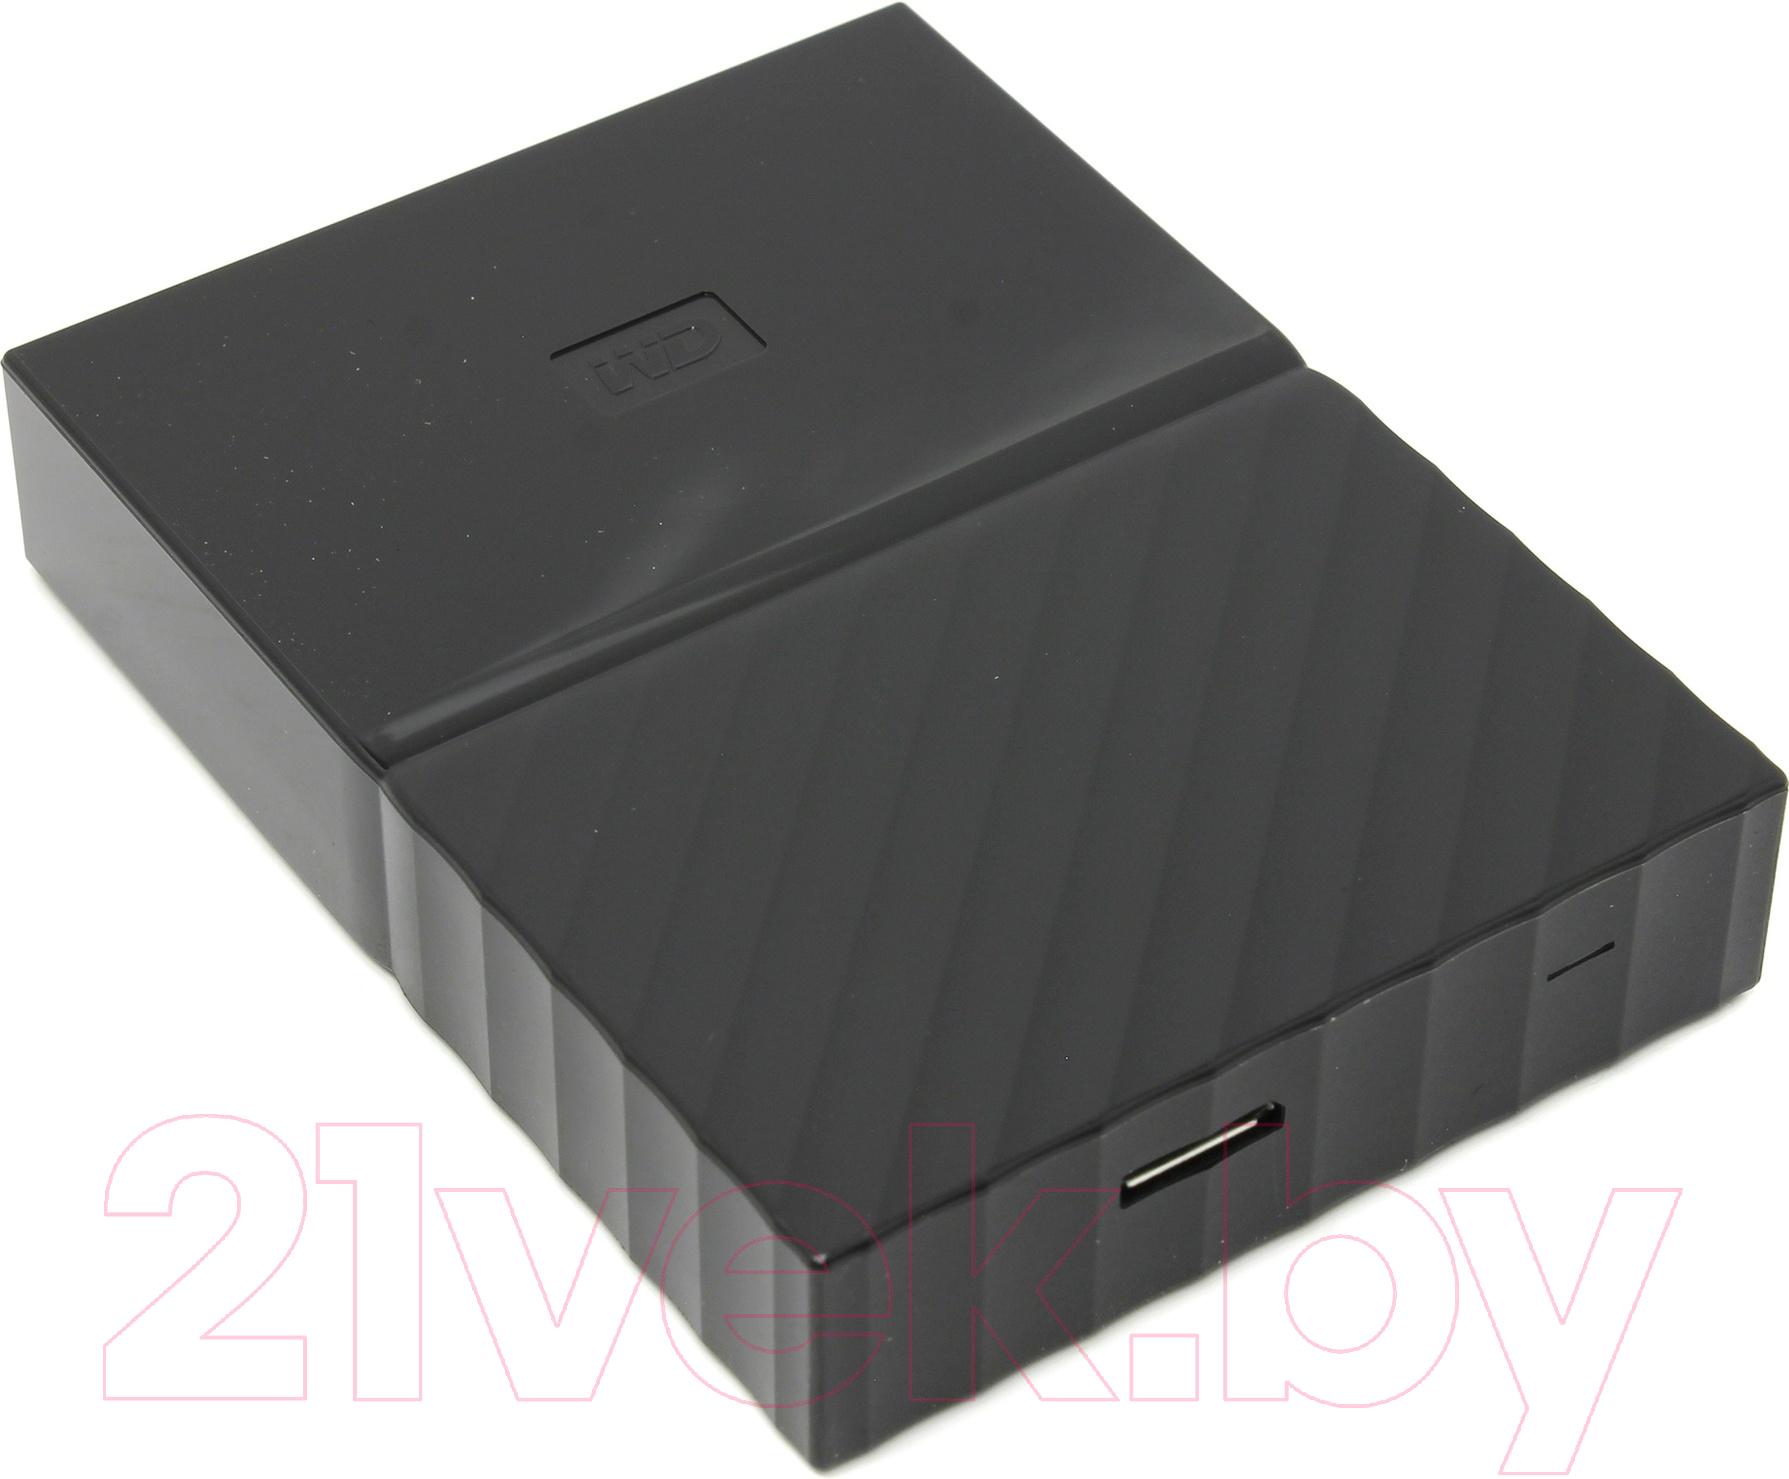 Купить Внешний жесткий диск Western Digital, My Passport Game Storage 4TB (WDBZGE0040BBK-WESN) (черный), Китай